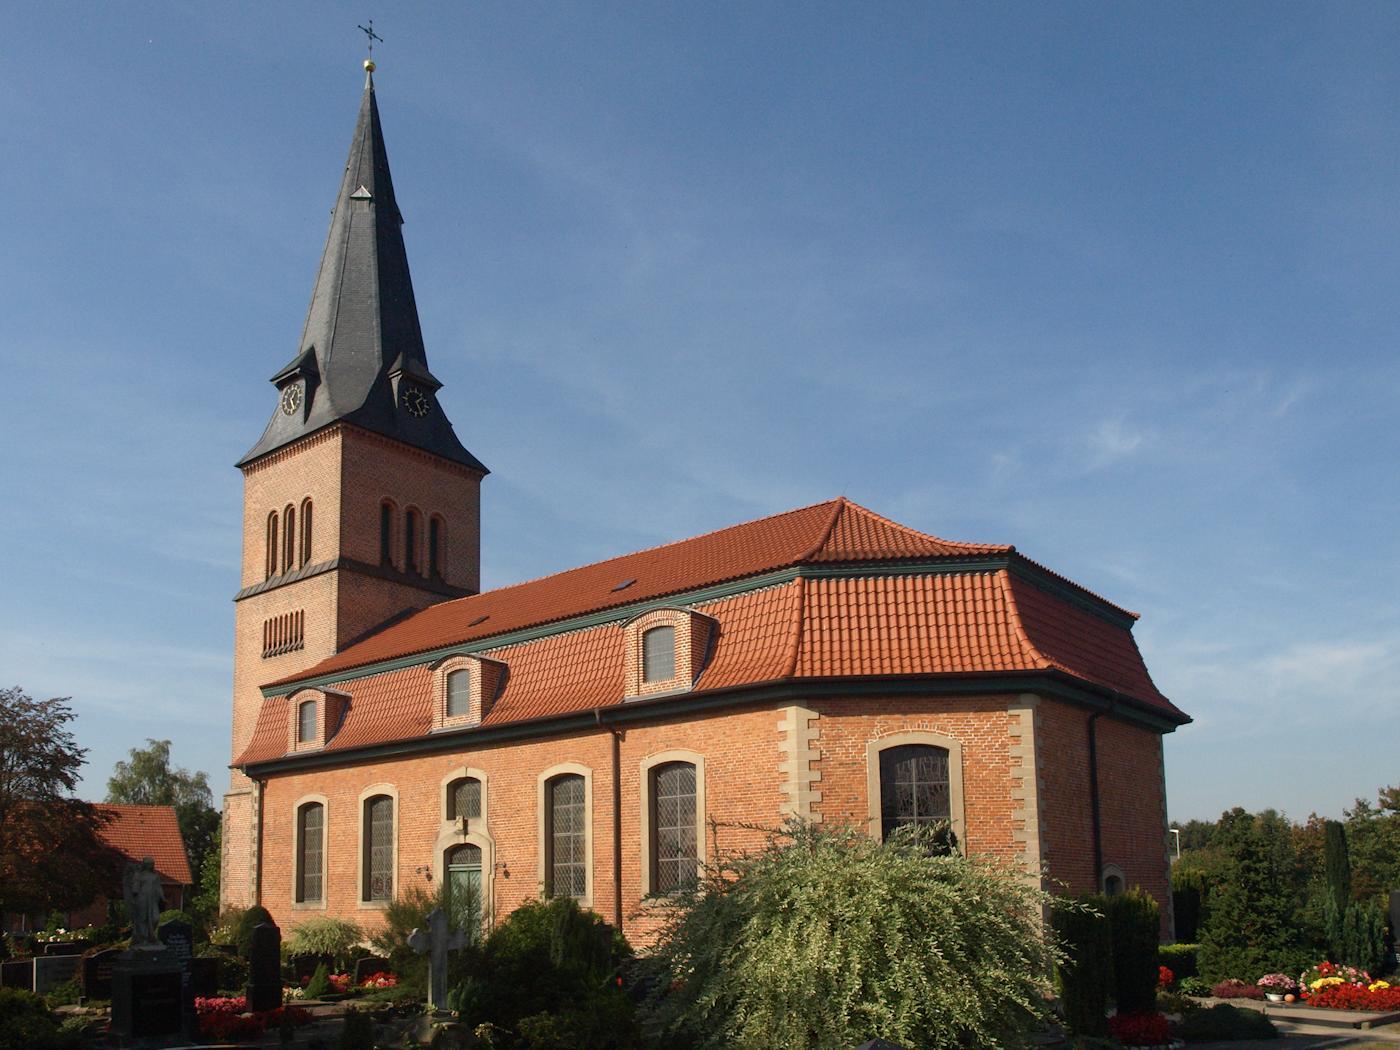 Schwarme_kirche